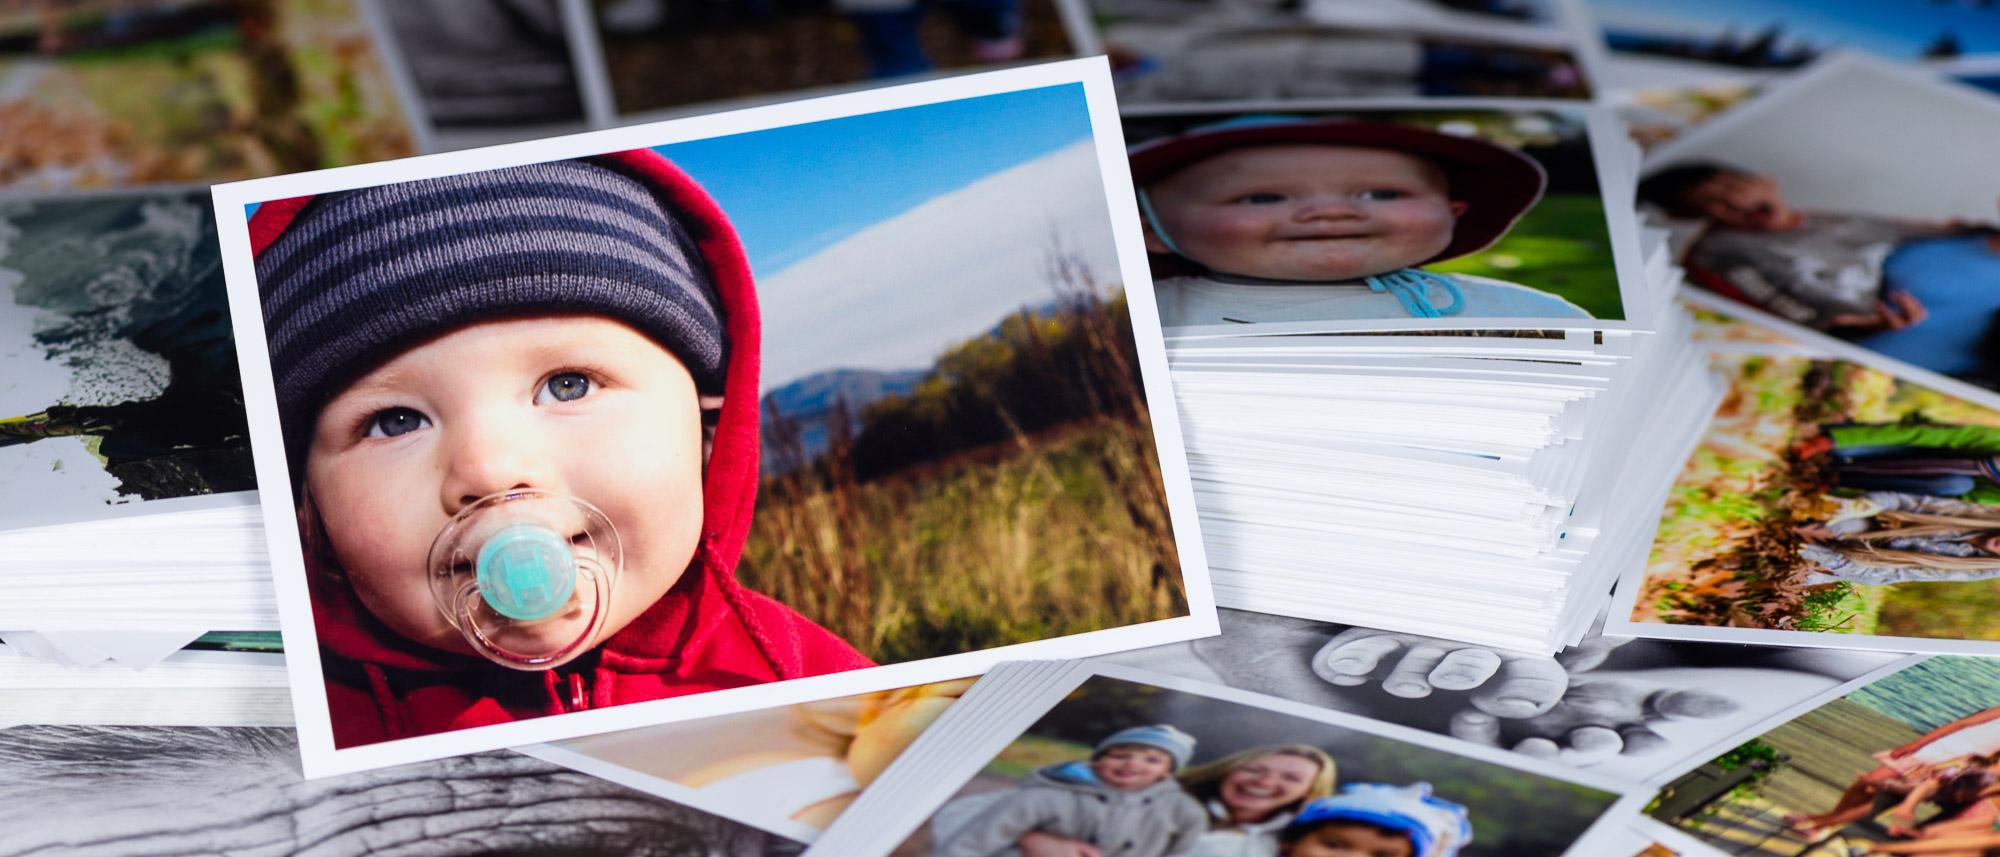 Framkalla bilder i små format